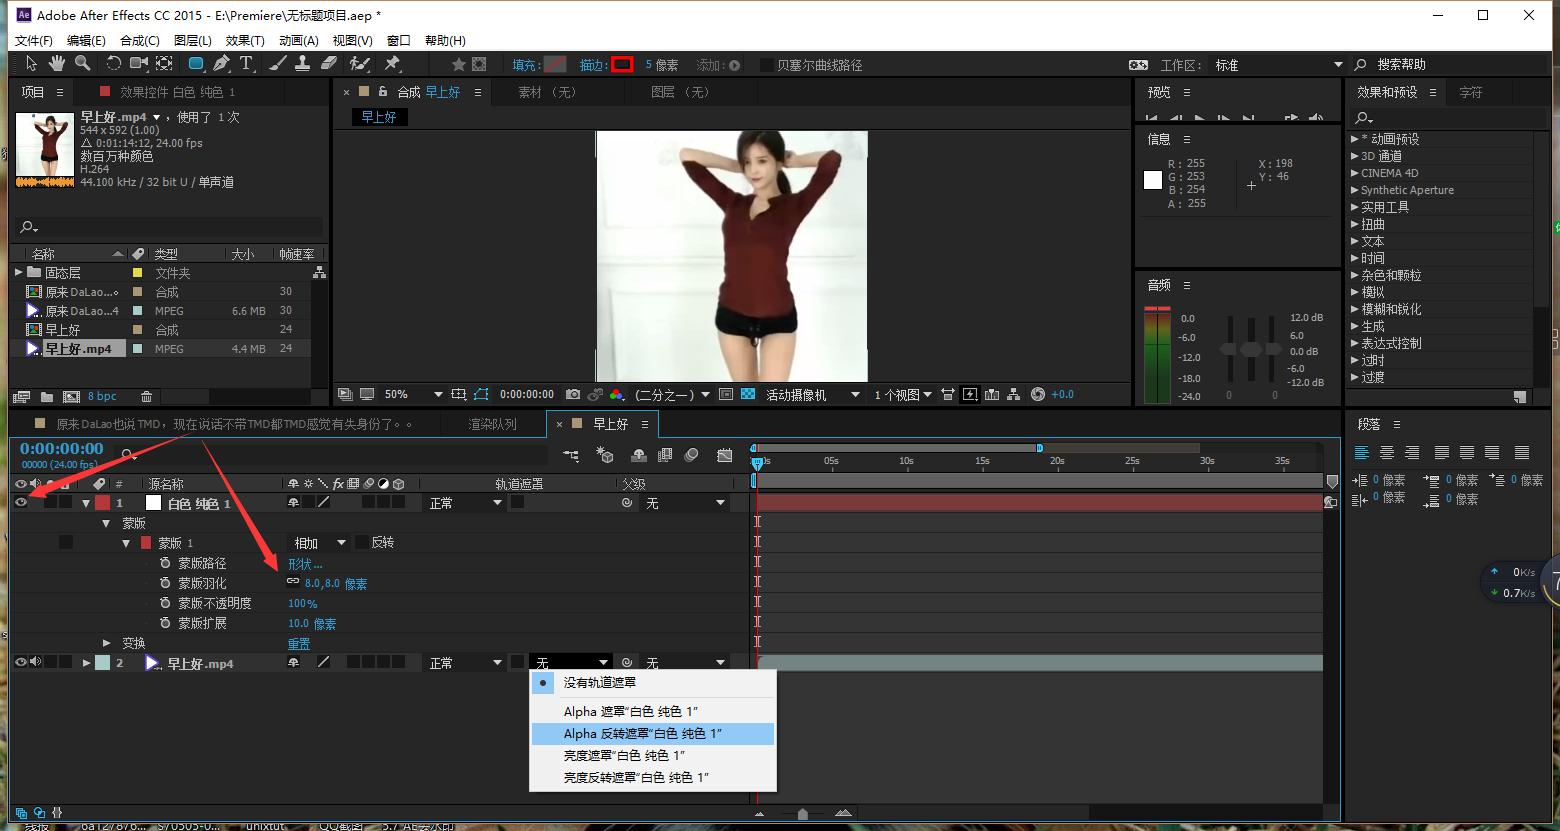 AE快速的去除视频中的台标或水印的方法 教程资料 第4张